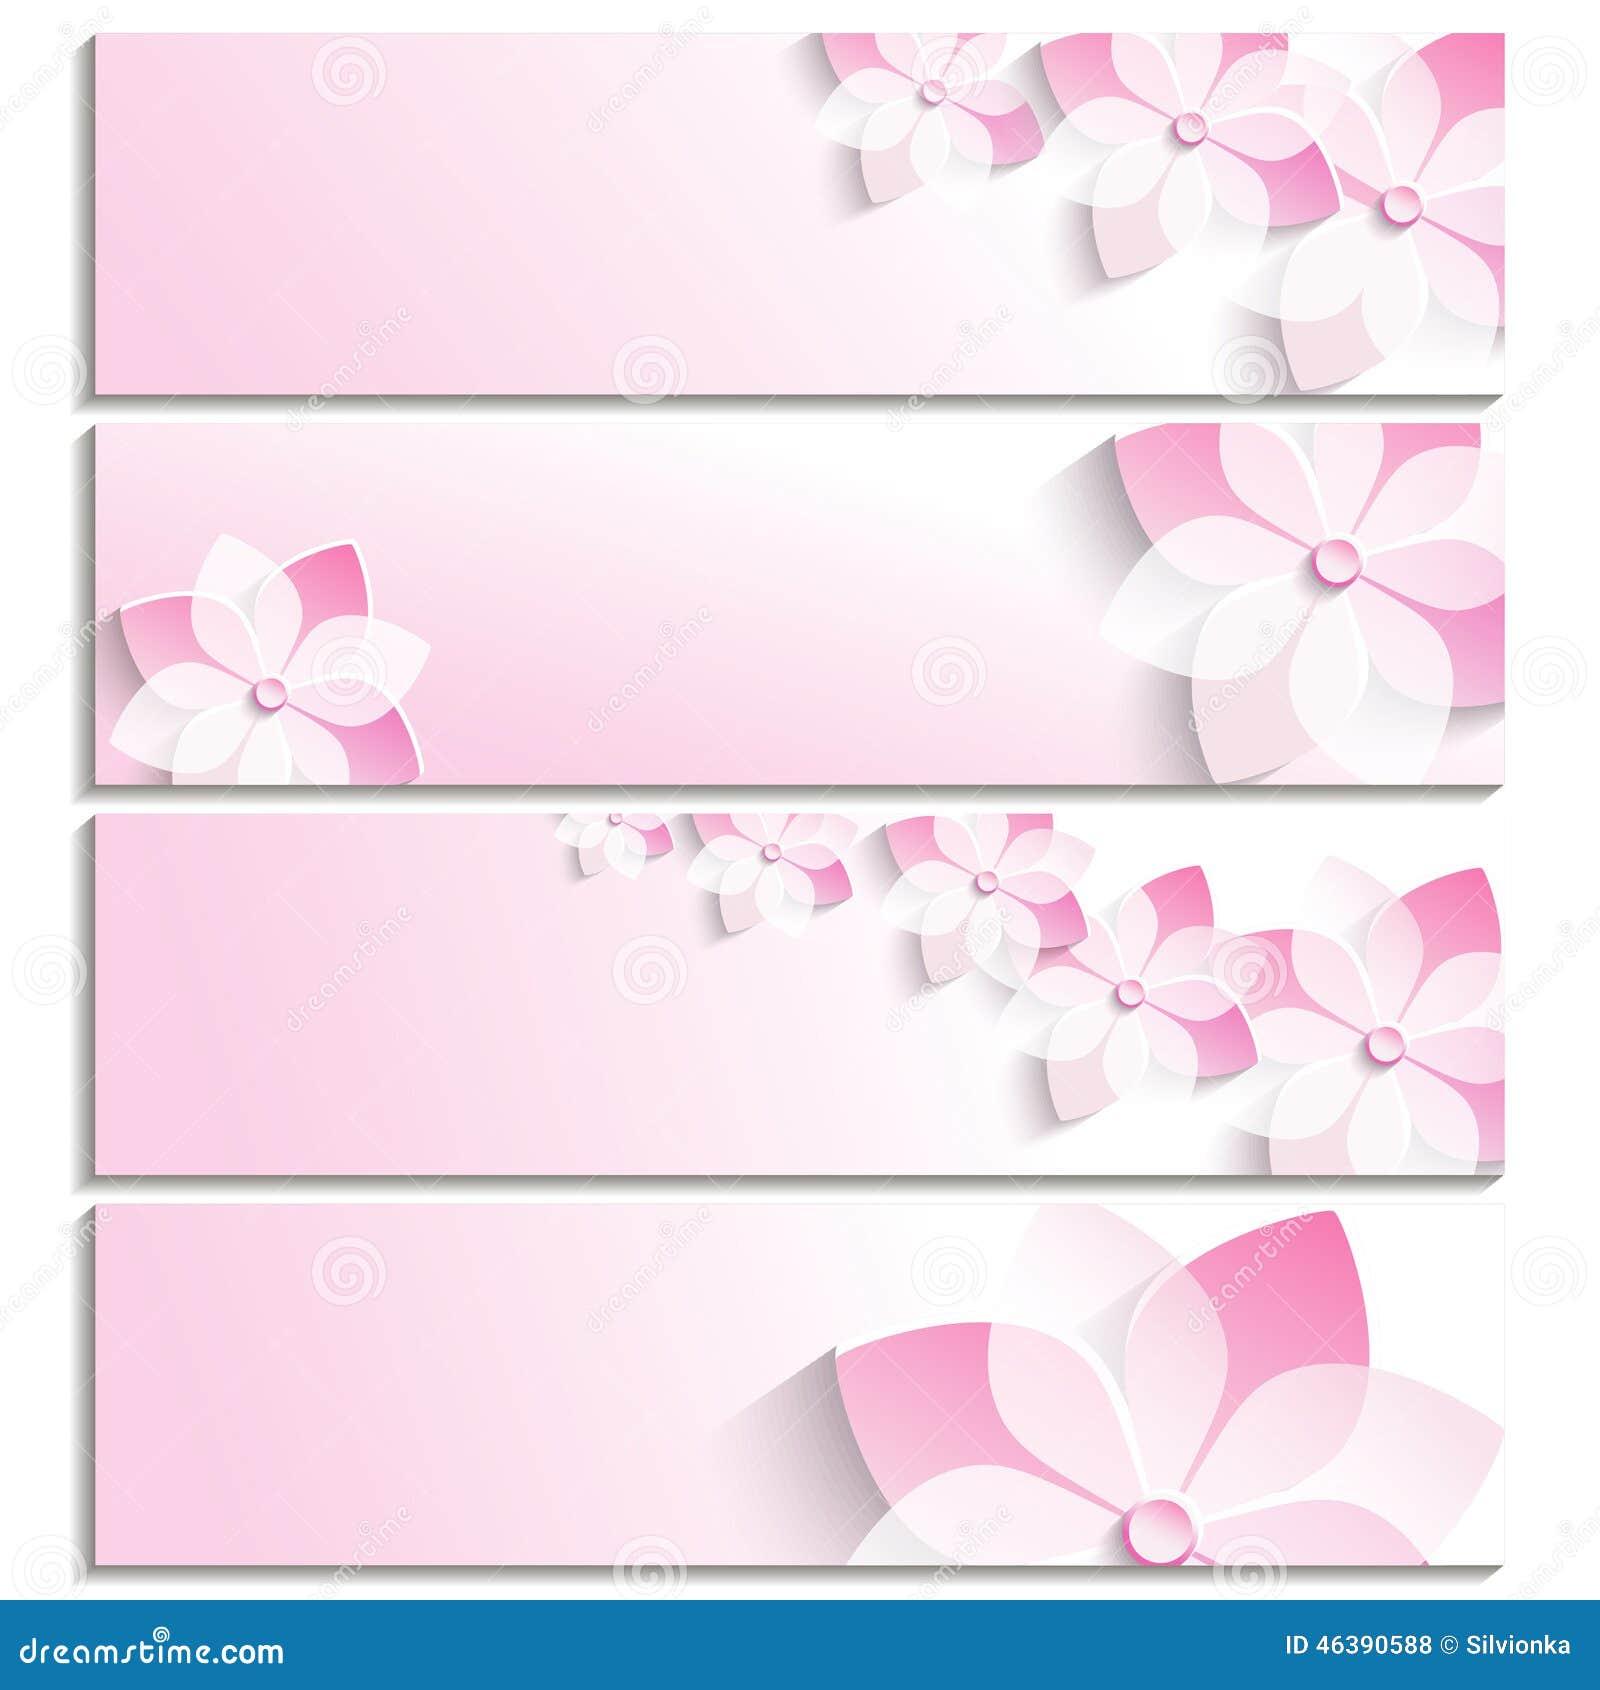 wallpaper for invitation card